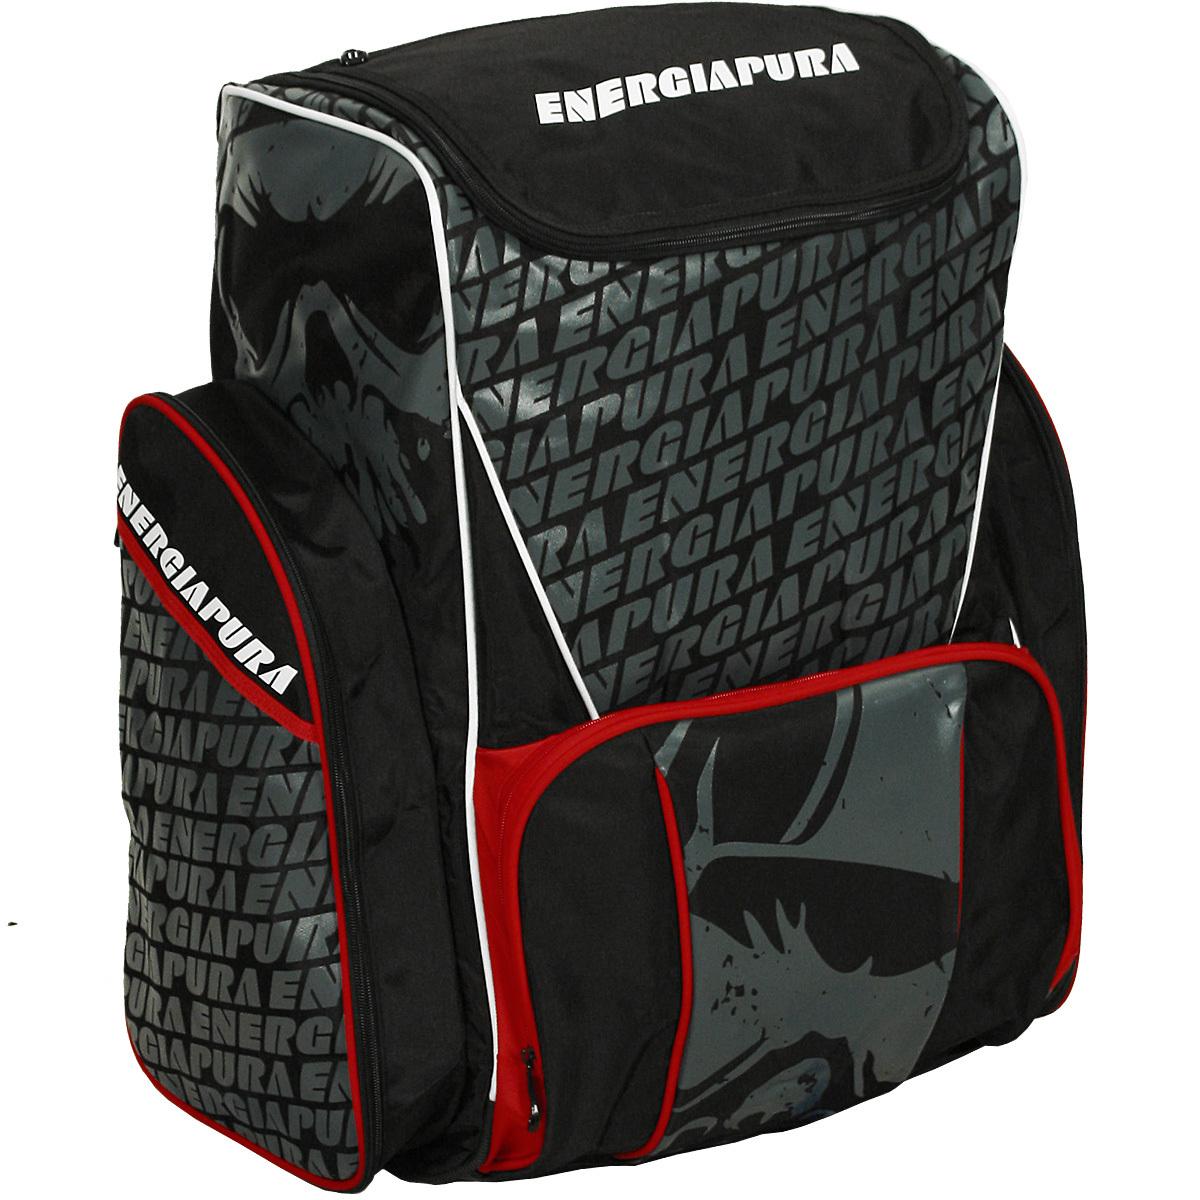 35de5286b Vaky na lyžiarske vybavenie Energiapura Racer Bag SR